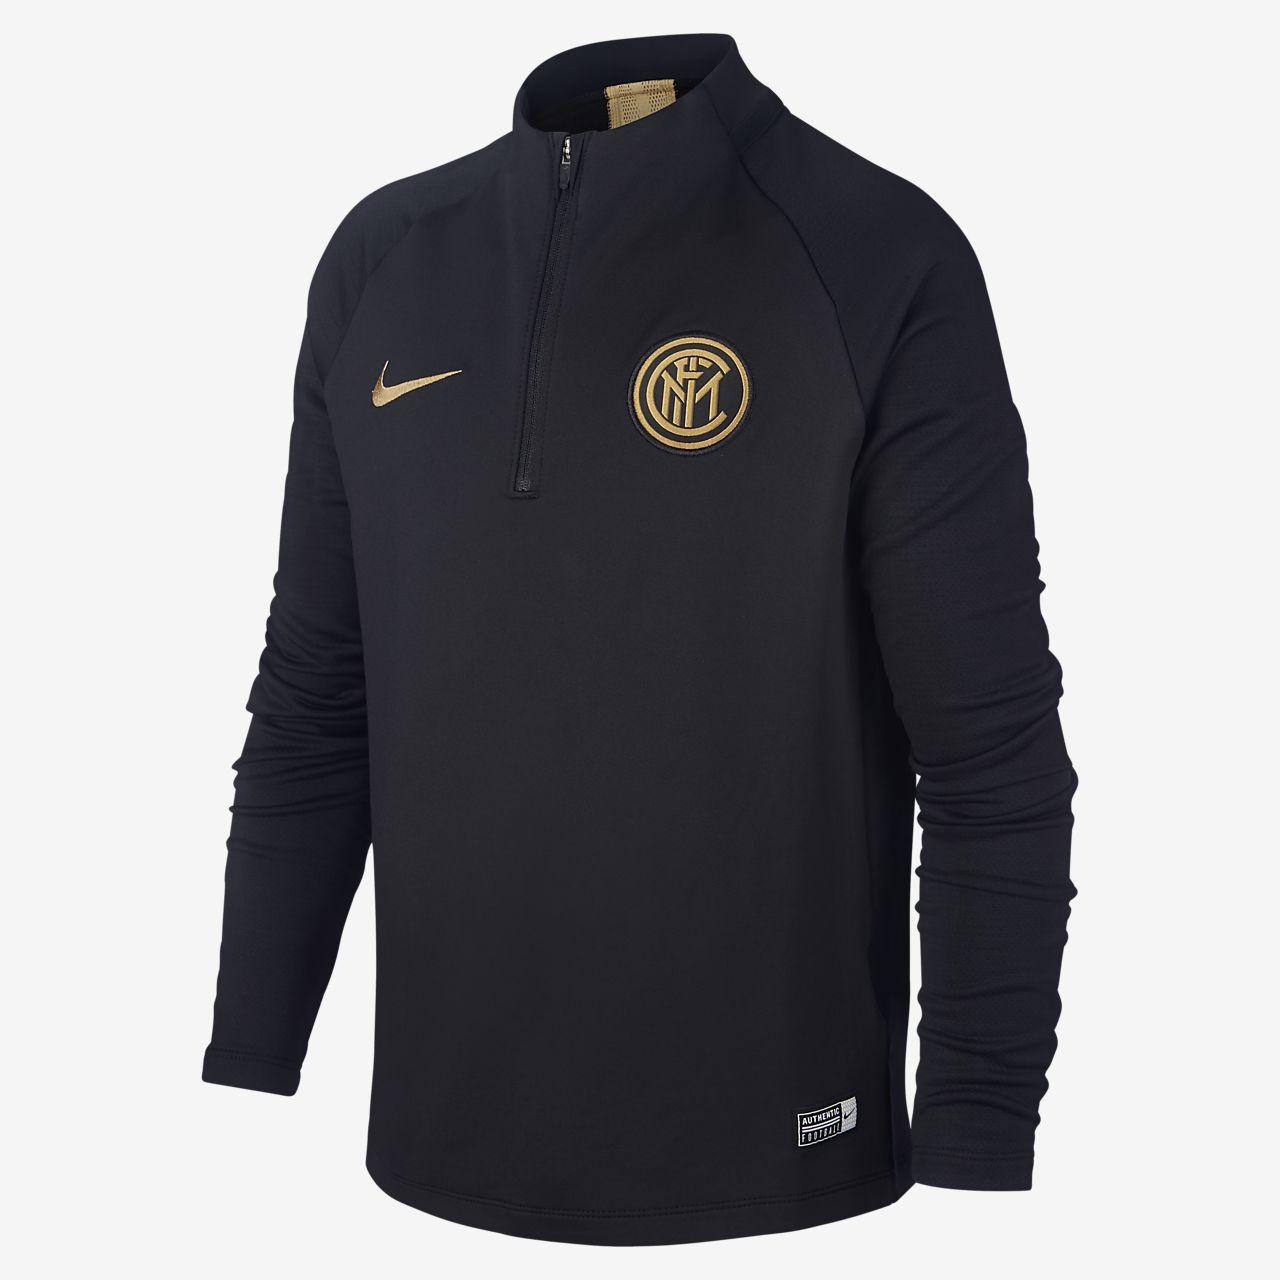 Camiseta de entrenamiento de fútbol para niños talla grande Nike Dri-FIT Inter Milan Strike